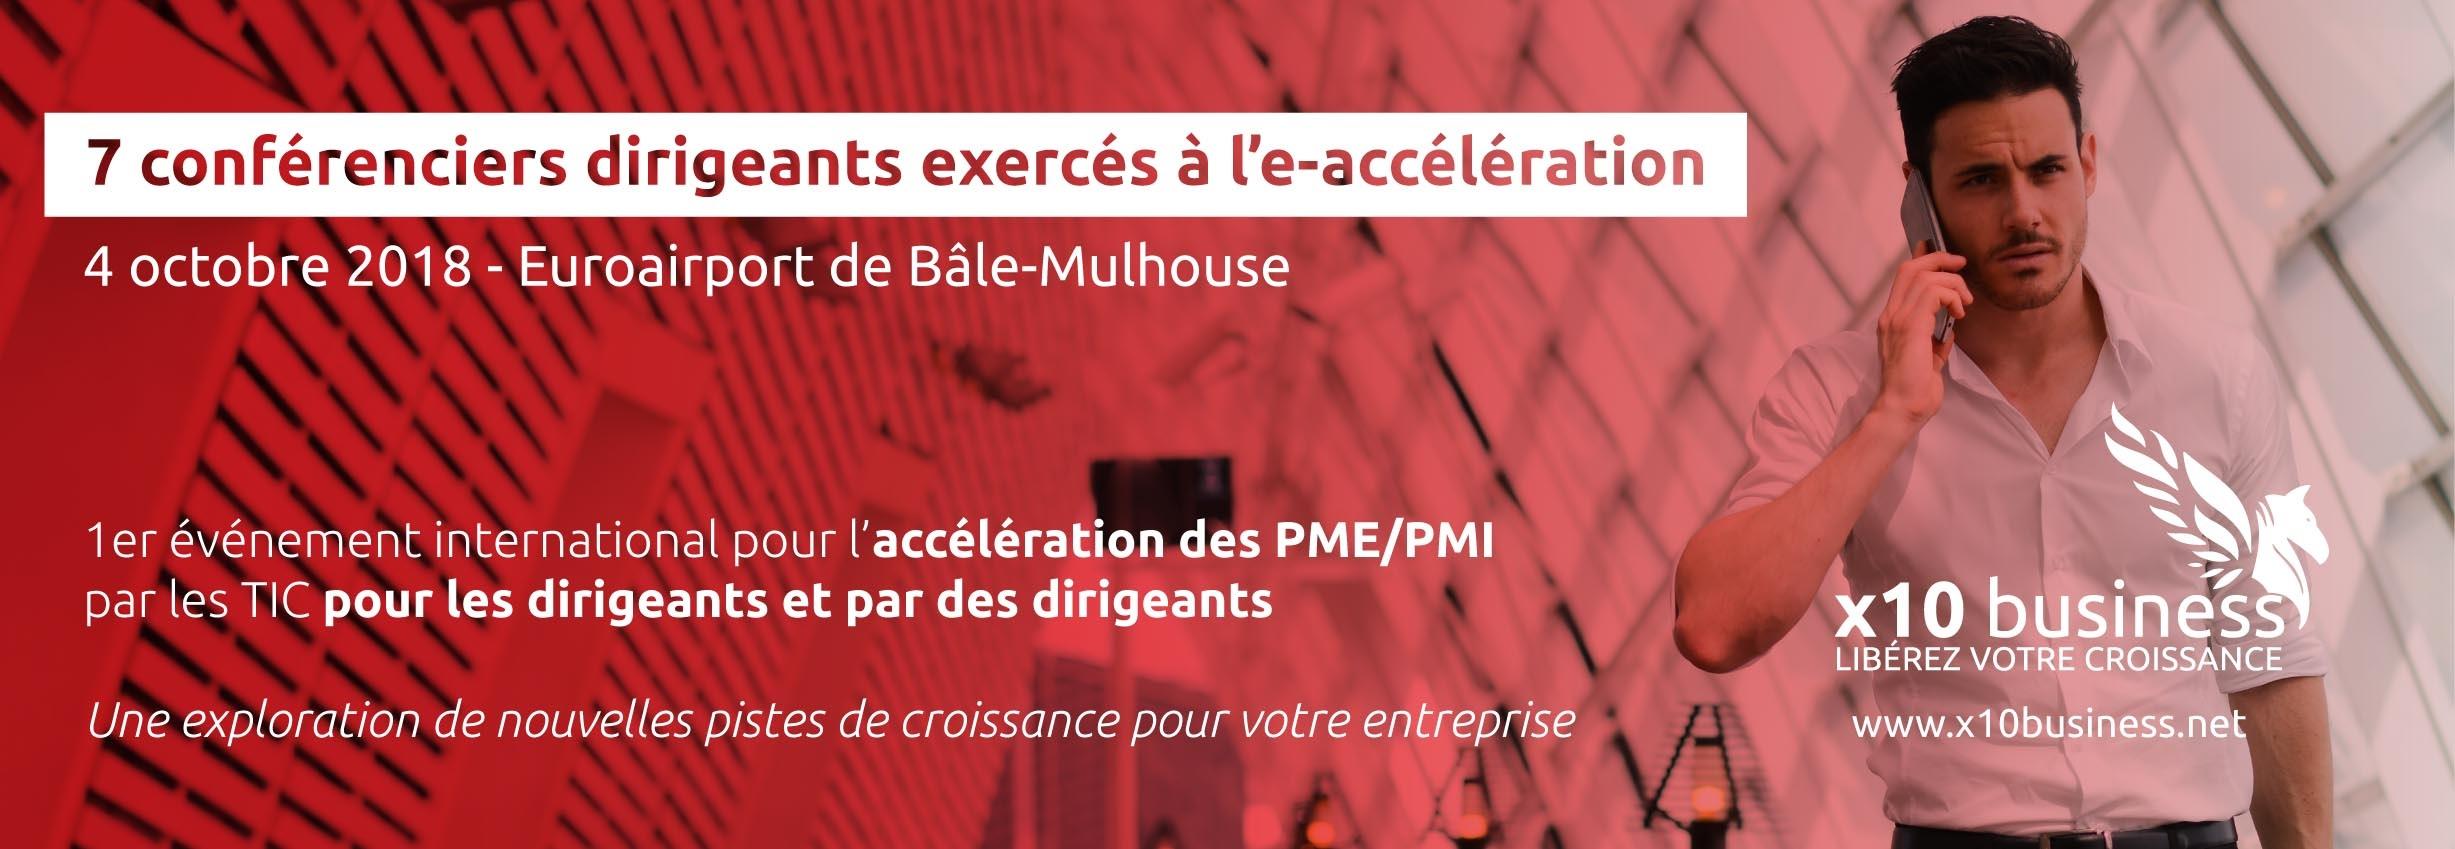 conférences x10Business mulhouse